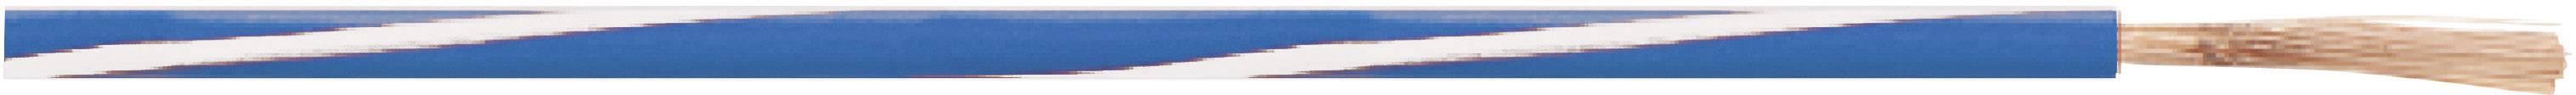 Opletenie / lanko LappKabel 4512402S X05V-K, 1 x 0.75 mm², vonkajší Ø 2.40 mm, metrový tovar, červená, čierna